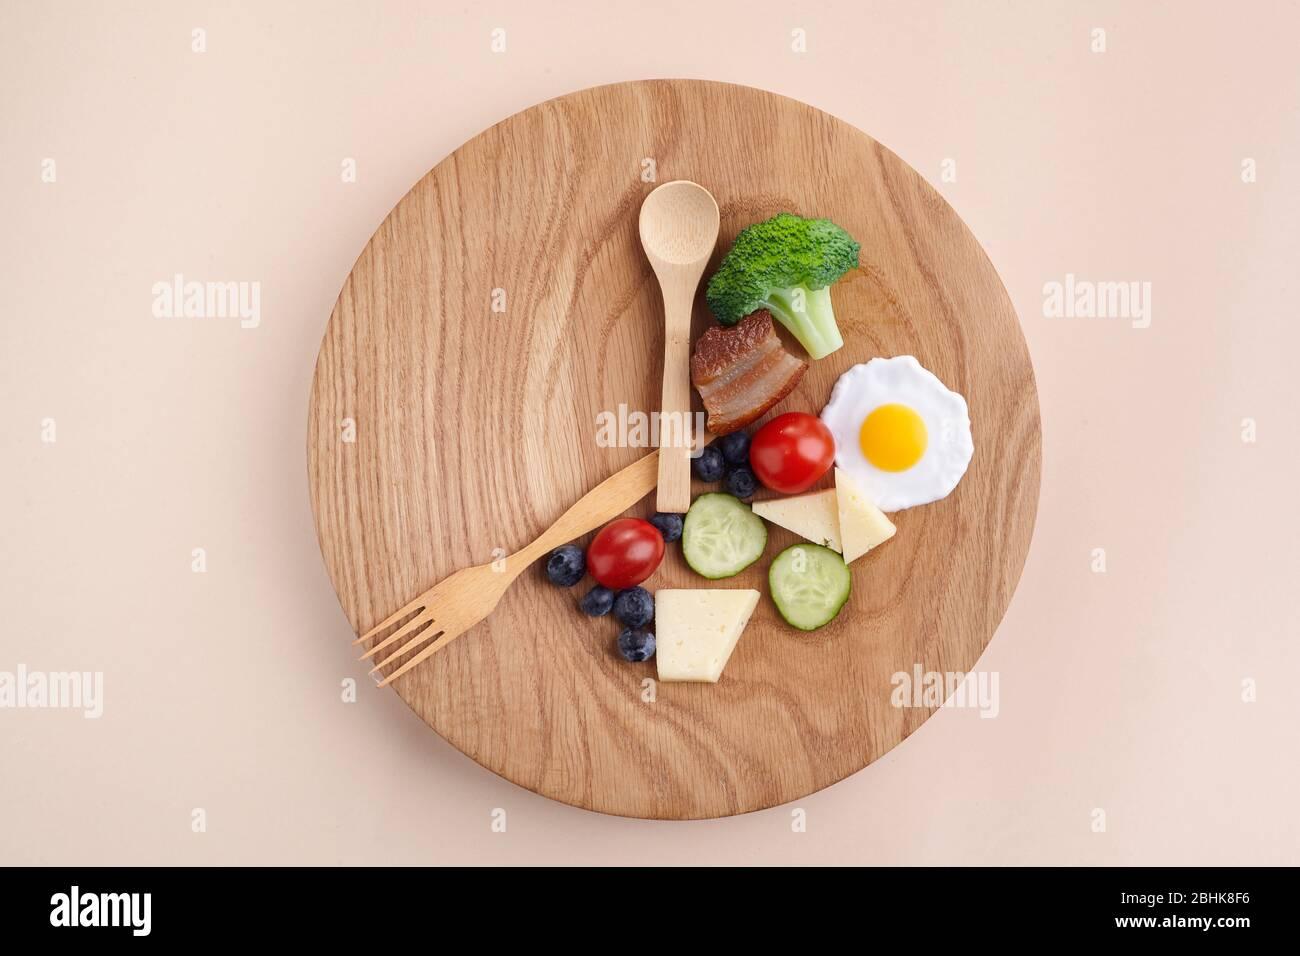 Ayuno intermitente. Desayuno saludable, concepto de alimentación. Comida orgánica. Concepto de pérdida de grasa. Pérdida de peso. Foto de stock